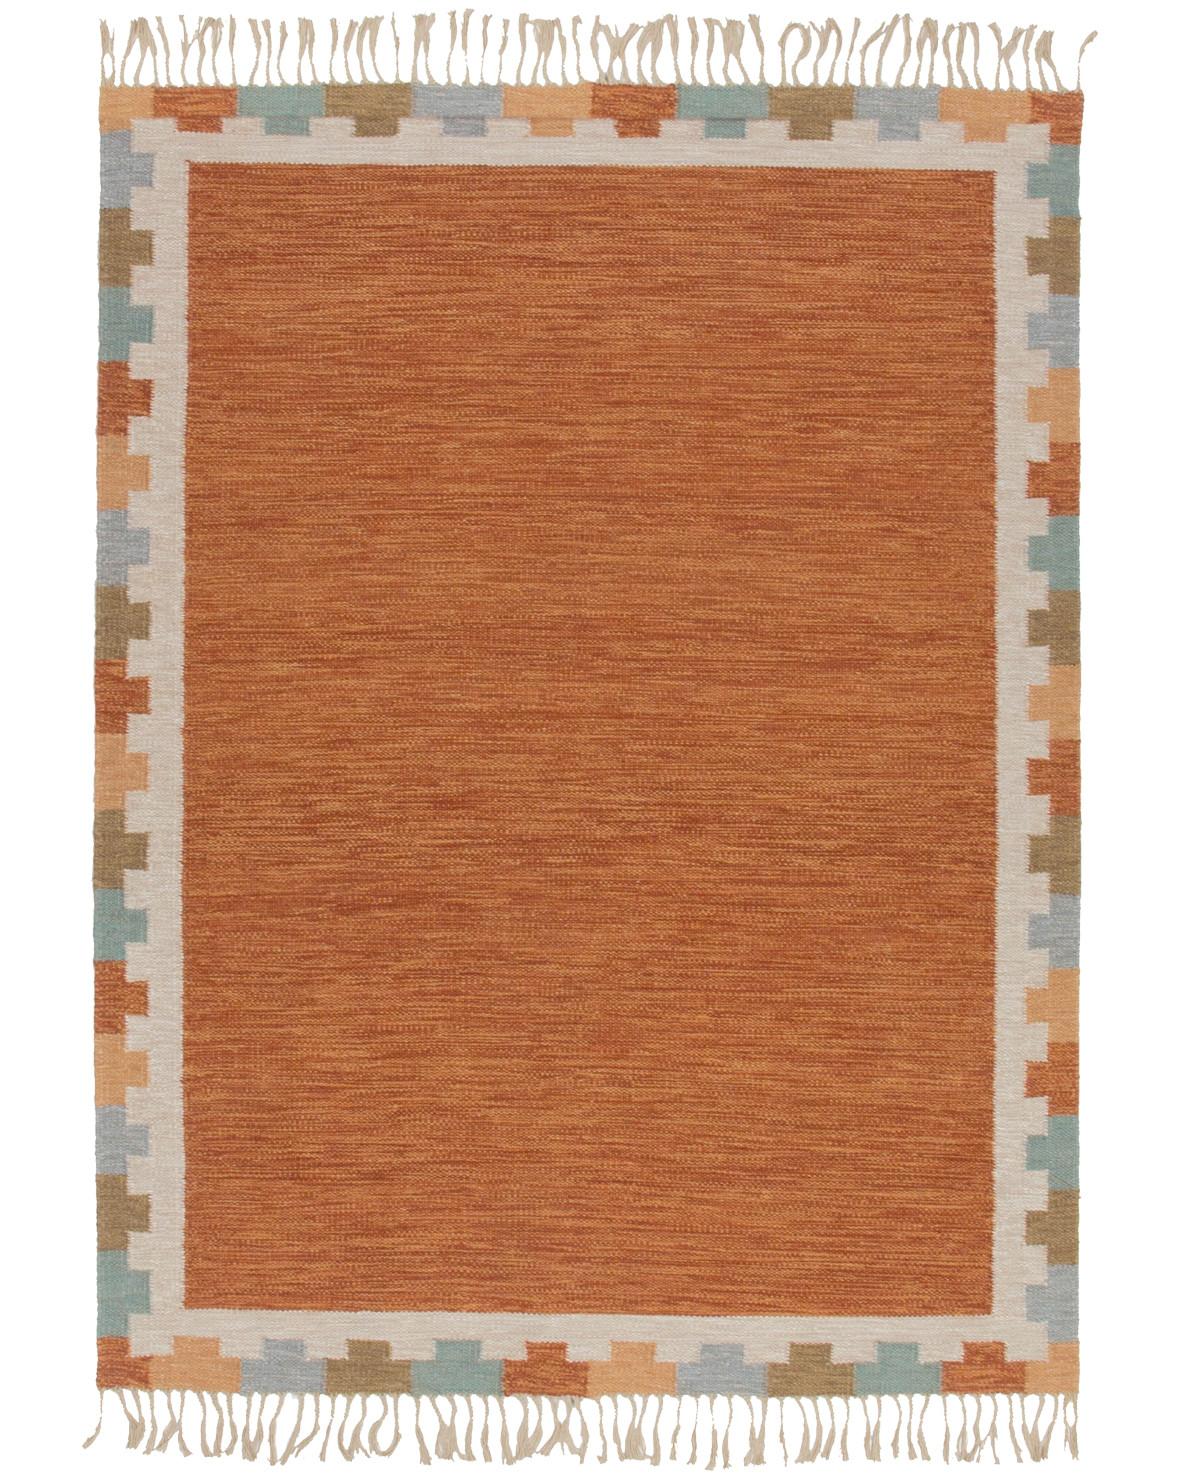 Röllakan Läckö 171x235cm klassiskt mönstrad ljus Rölakan matta med linvarp hos NESSIMS